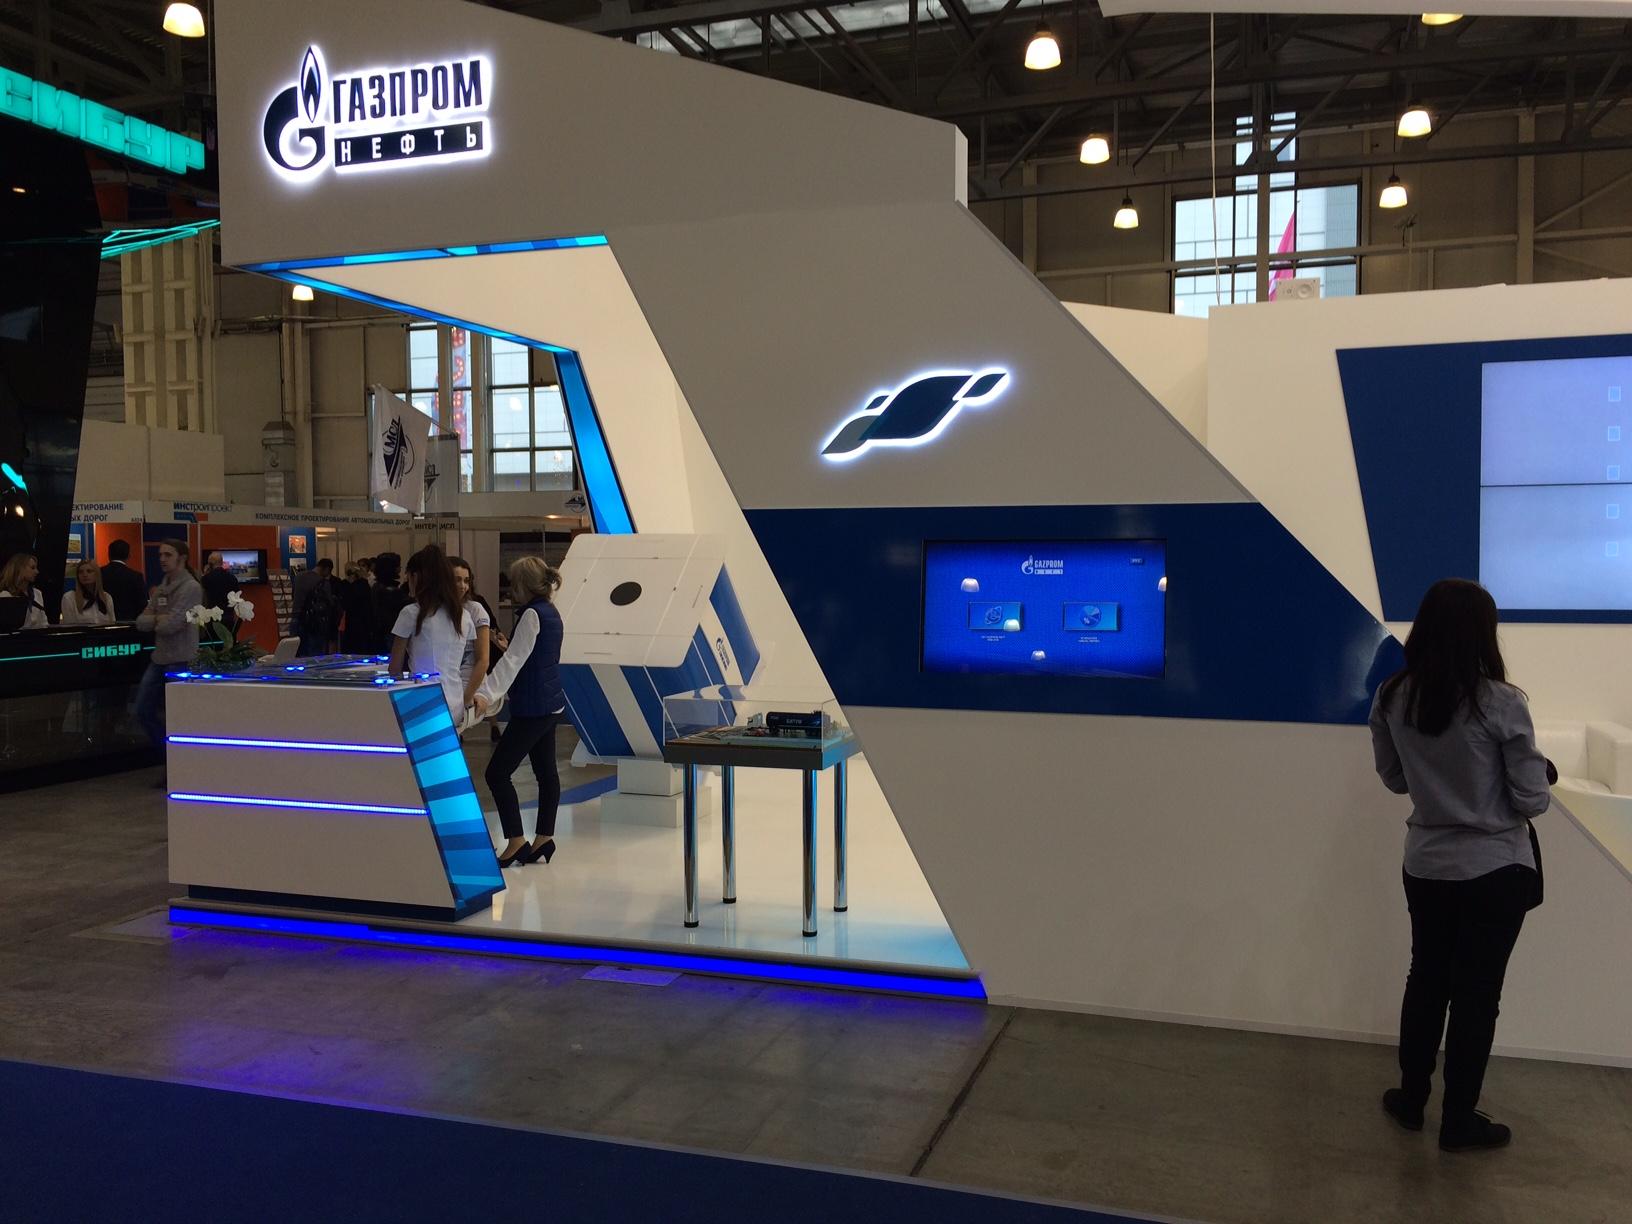 """Специалисты компани APPOLLO DIGITAL в сотрудничестве с компаний ITDILAB осуществили комплексную застройку стенда корпорации """" Газпром"""" для выставки"""